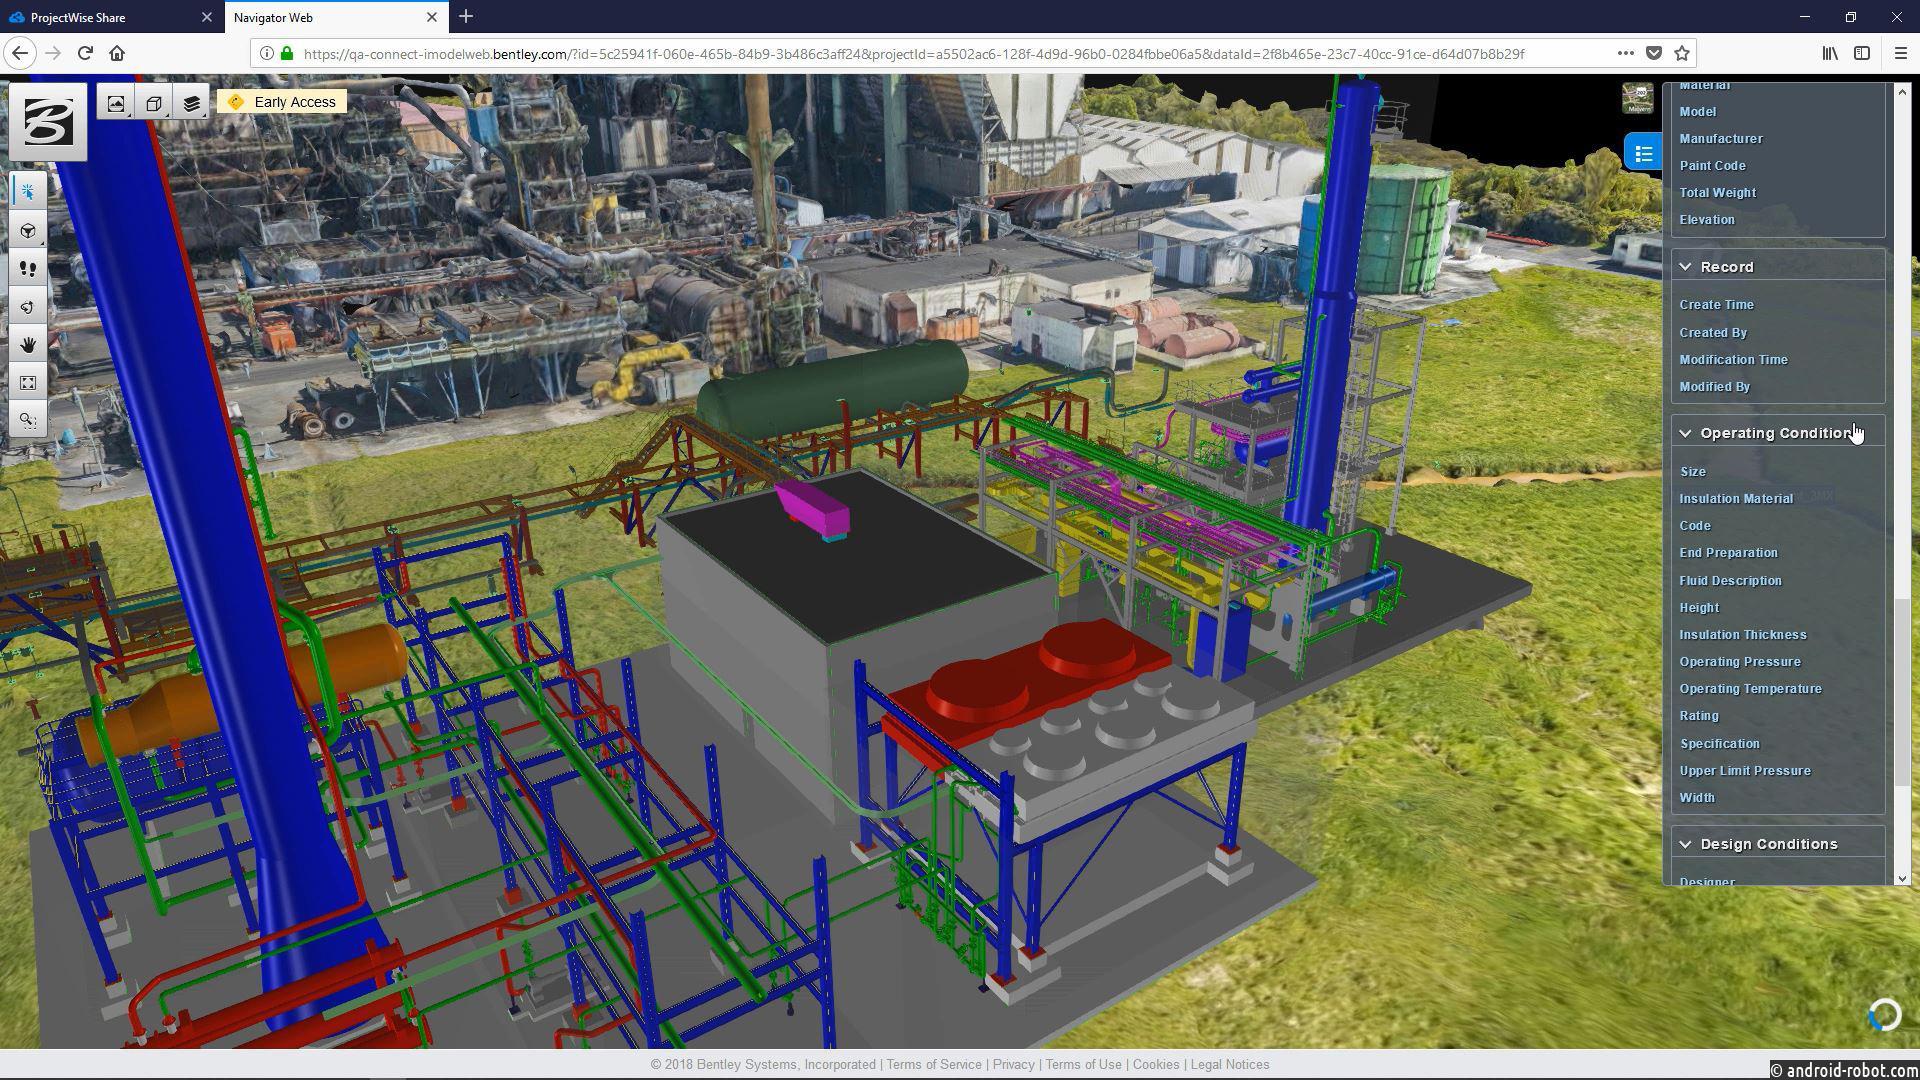 Bentley: готовится запуск сервиса iTwin™ Services и облачной службы цифровых двойников проектов PlantSight